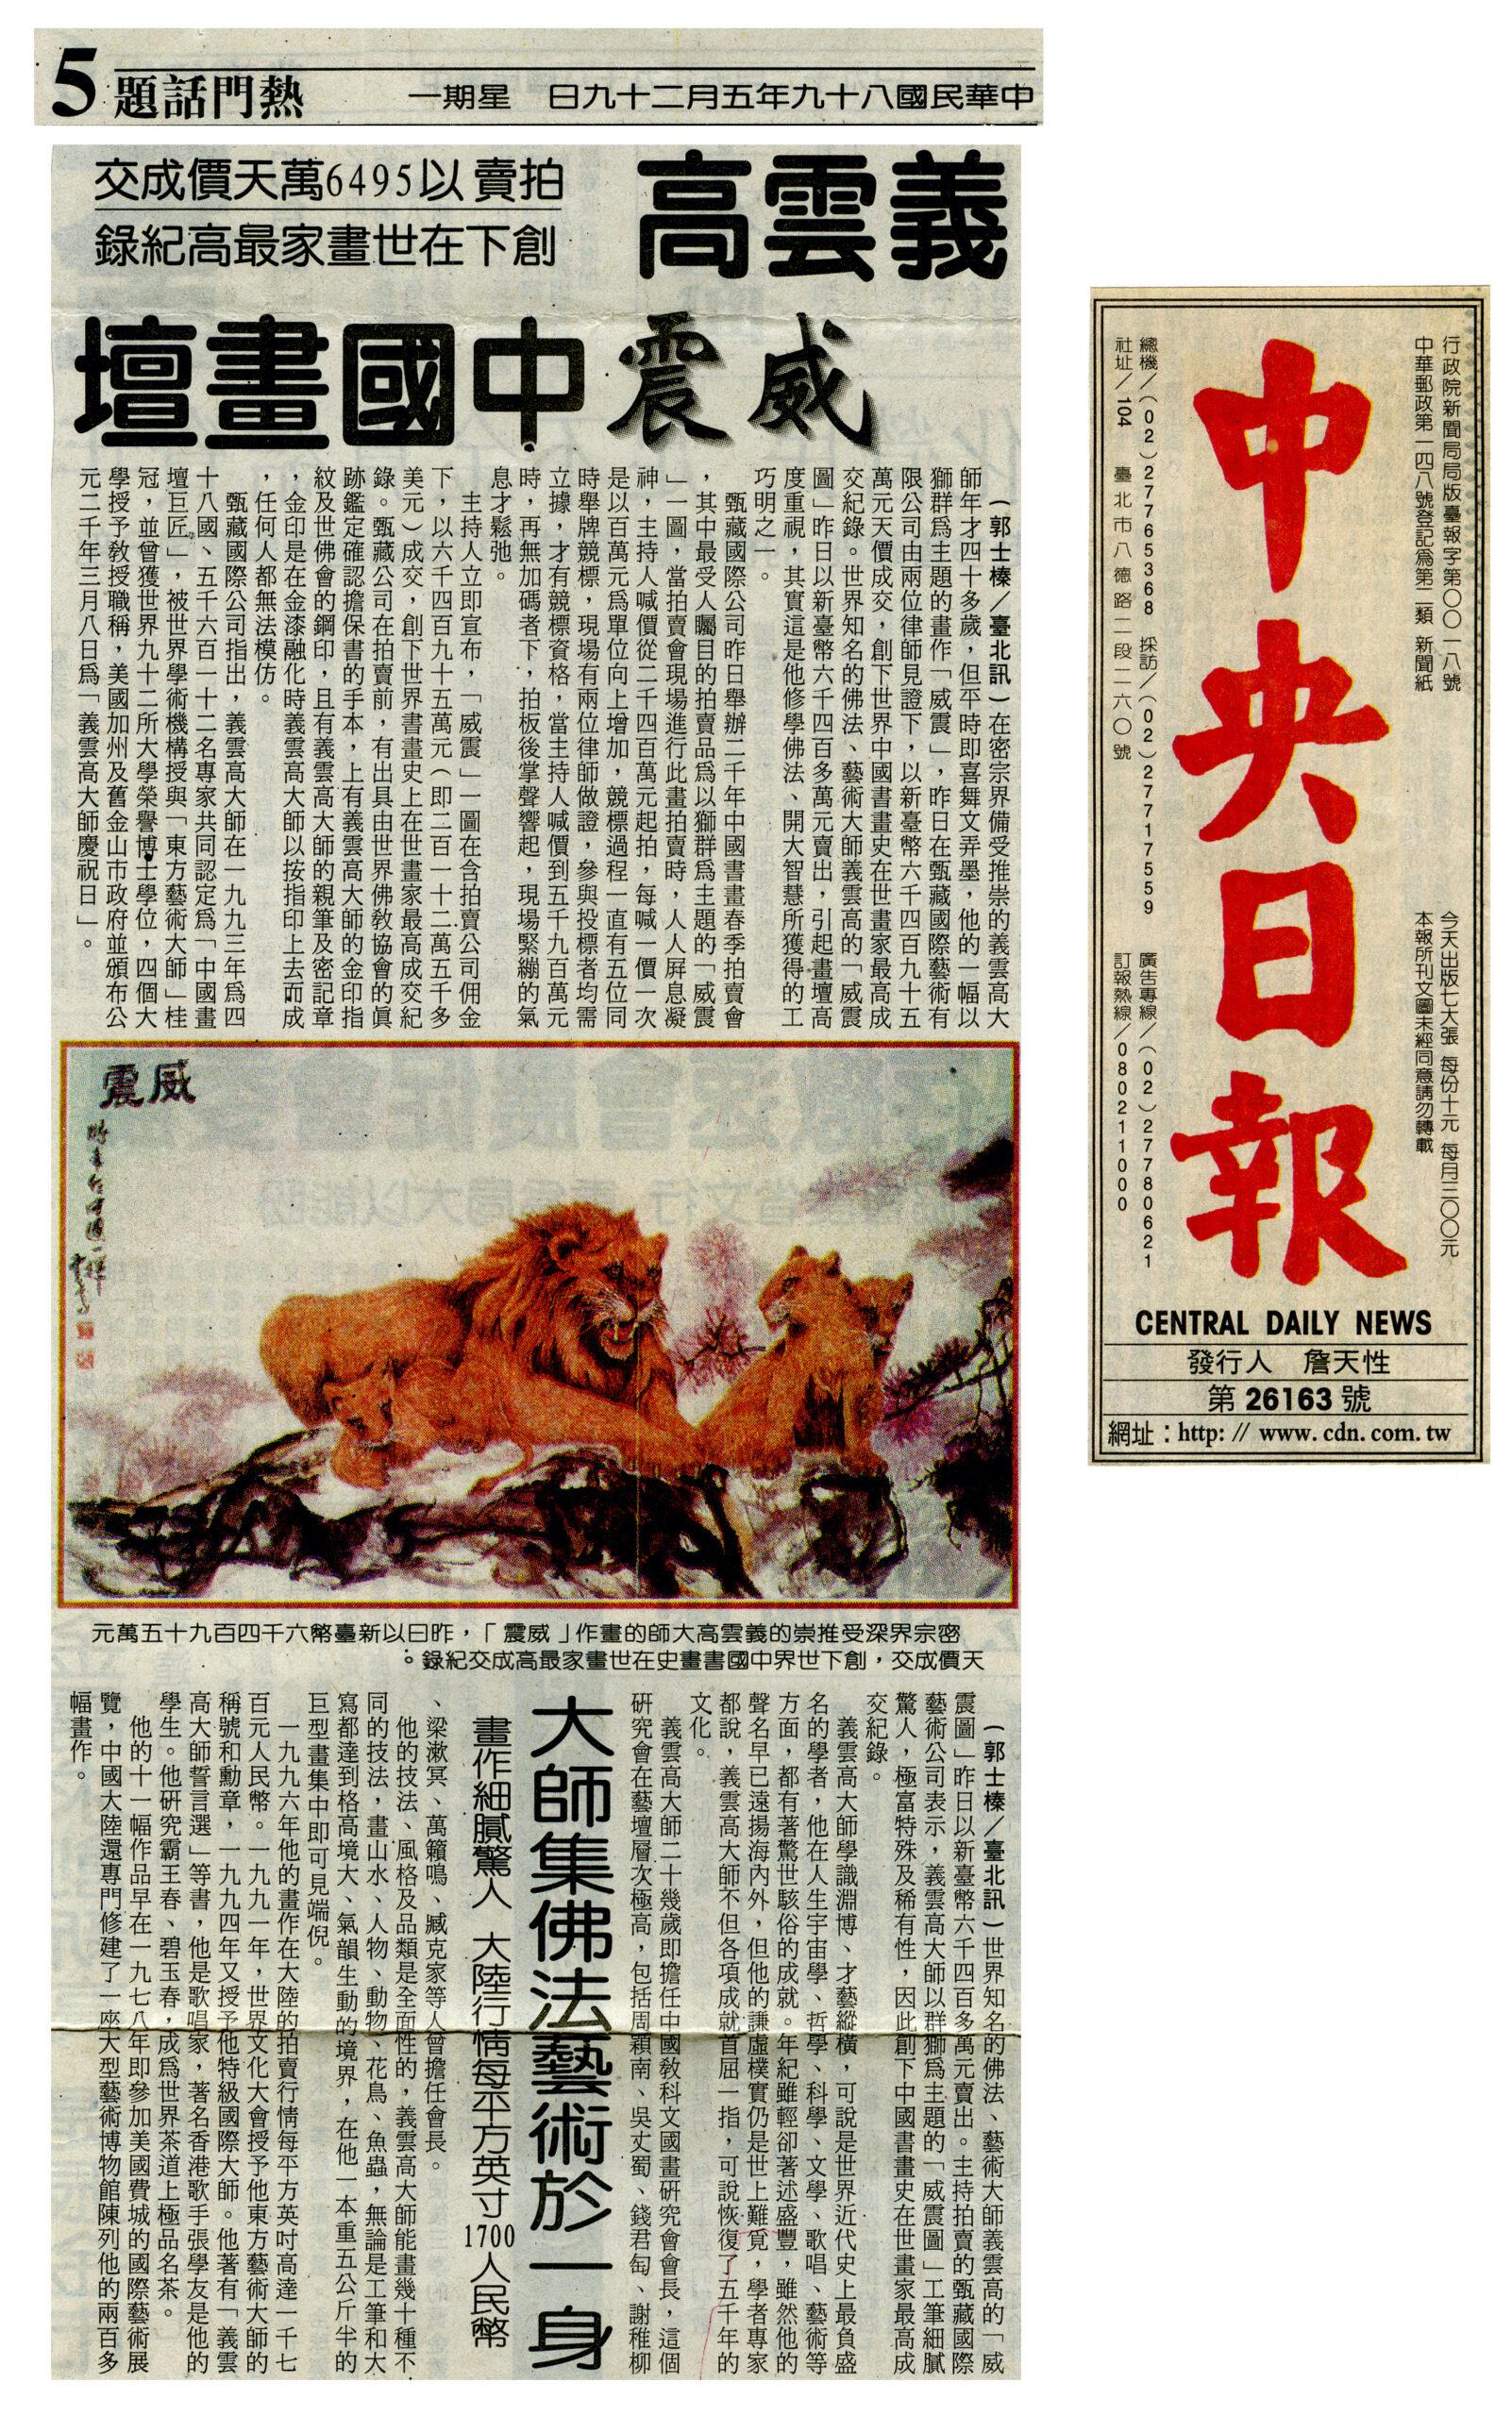 义云高(H.H. 第三世多杰羌佛)拍卖以6495万天价成交创下在世画家最高纪录威震中国画坛